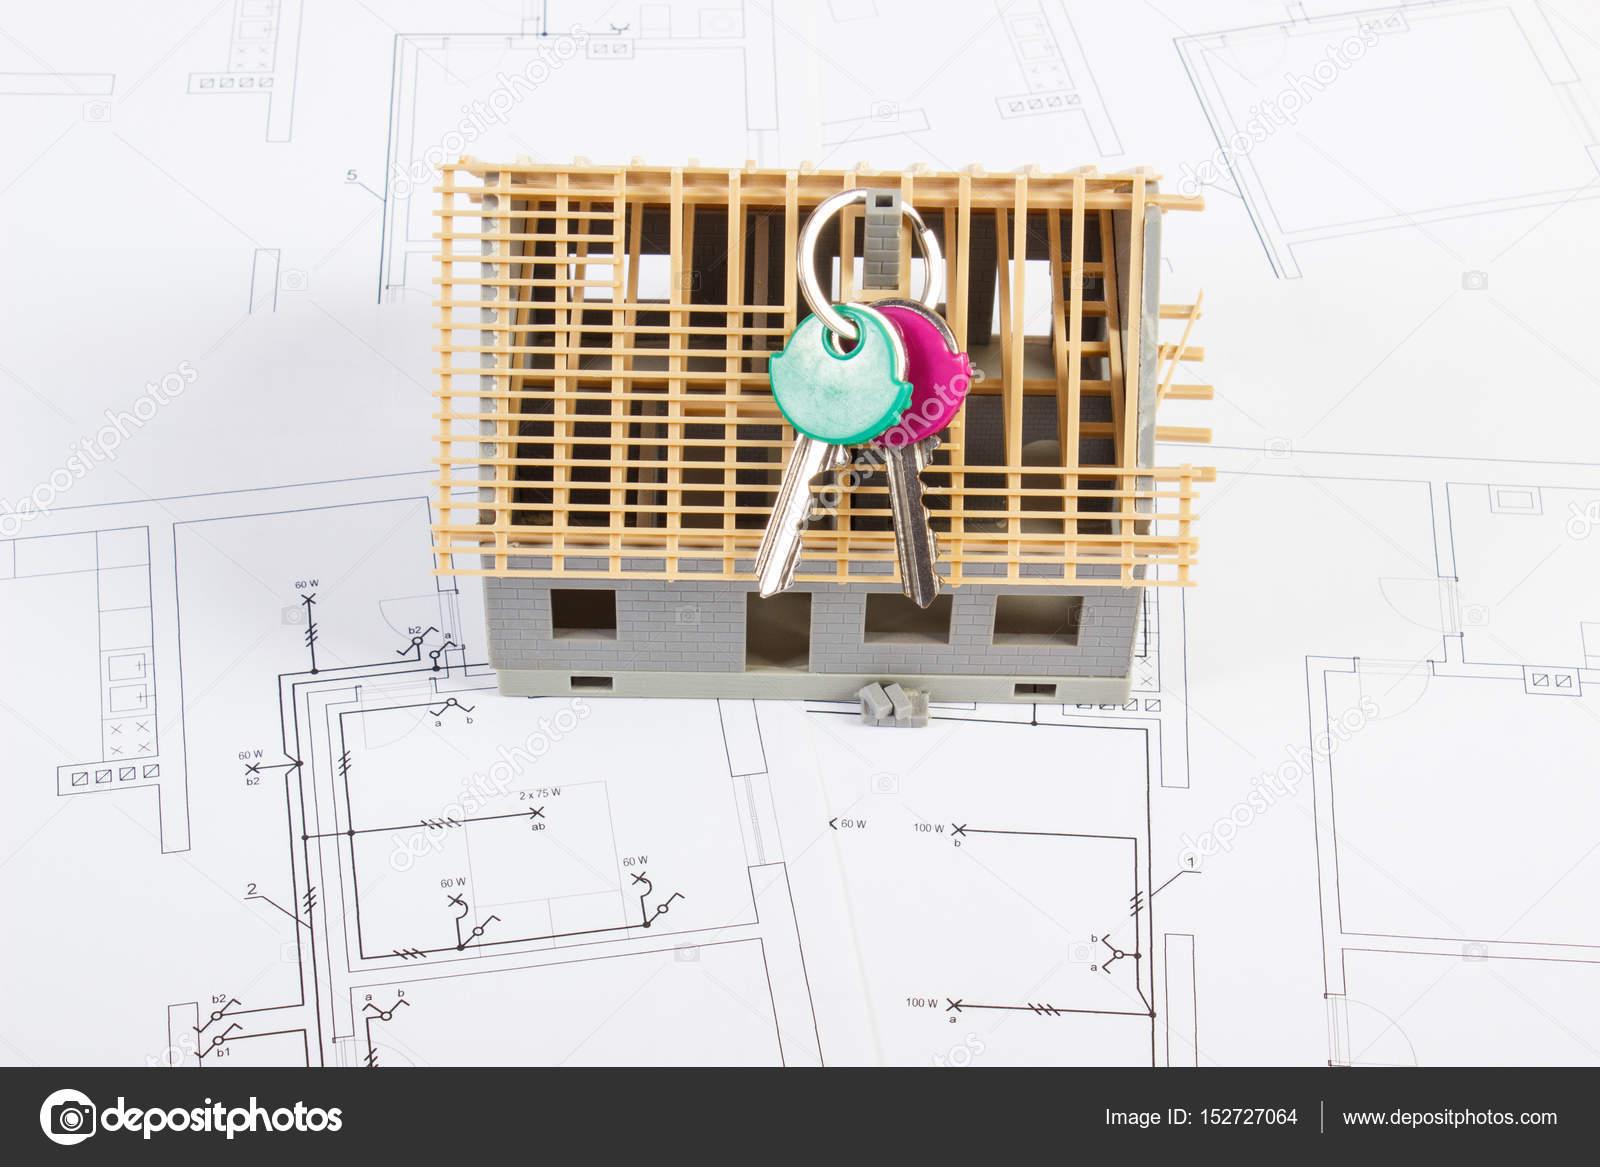 Wonderful Elektrische Zeichnungen Und Diagramme Mit Haus Unter Bau Und Home Tasten  Home Gebäudekonzept U2014 Stockfoto